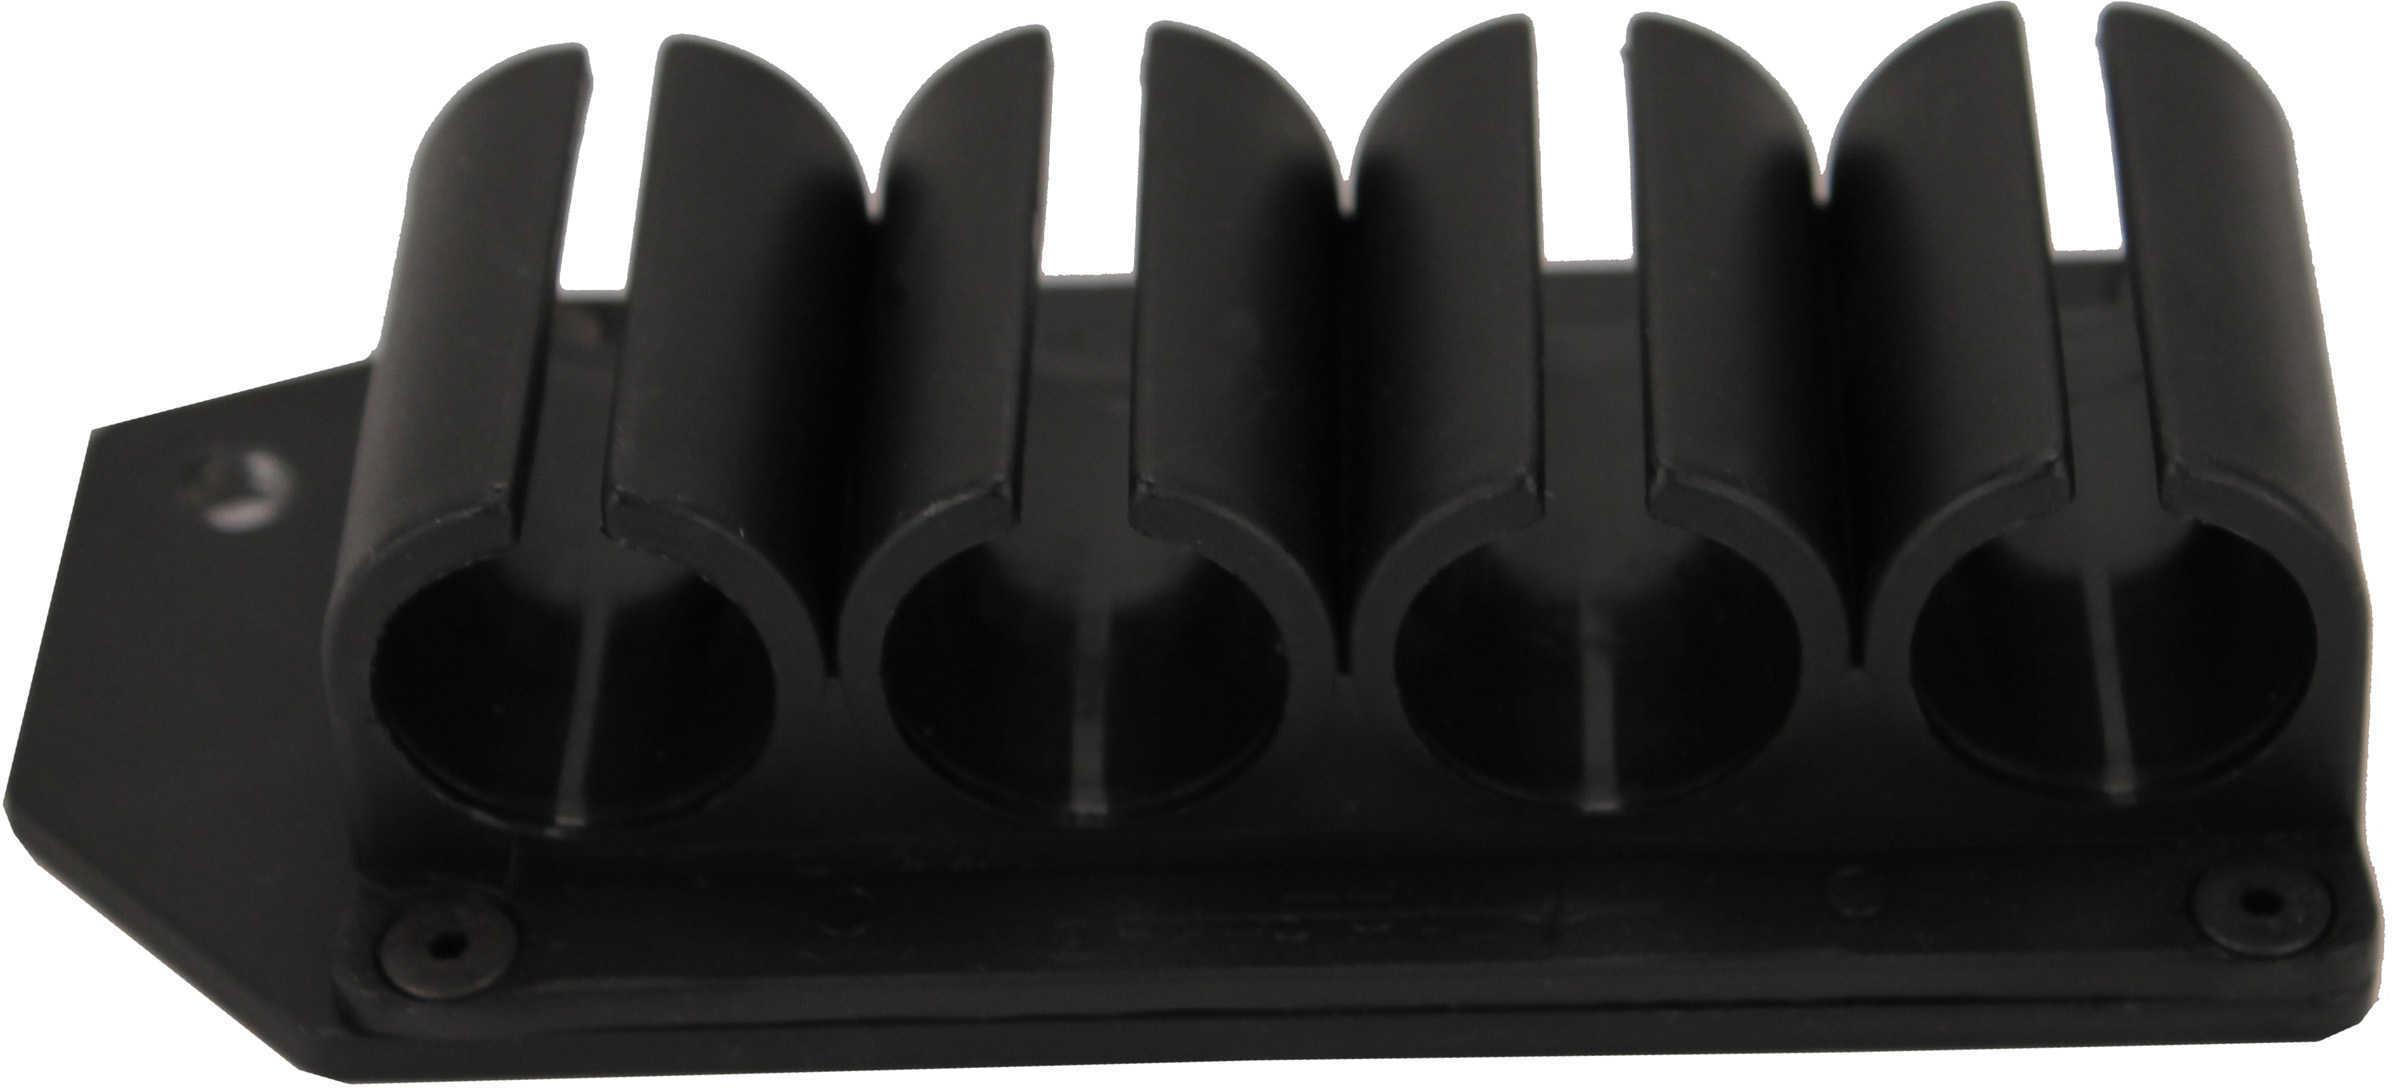 TacStar Hunter Side Saddle 4-Shot Remington 870/1100/1187, 12 Gauge Md: 1081168